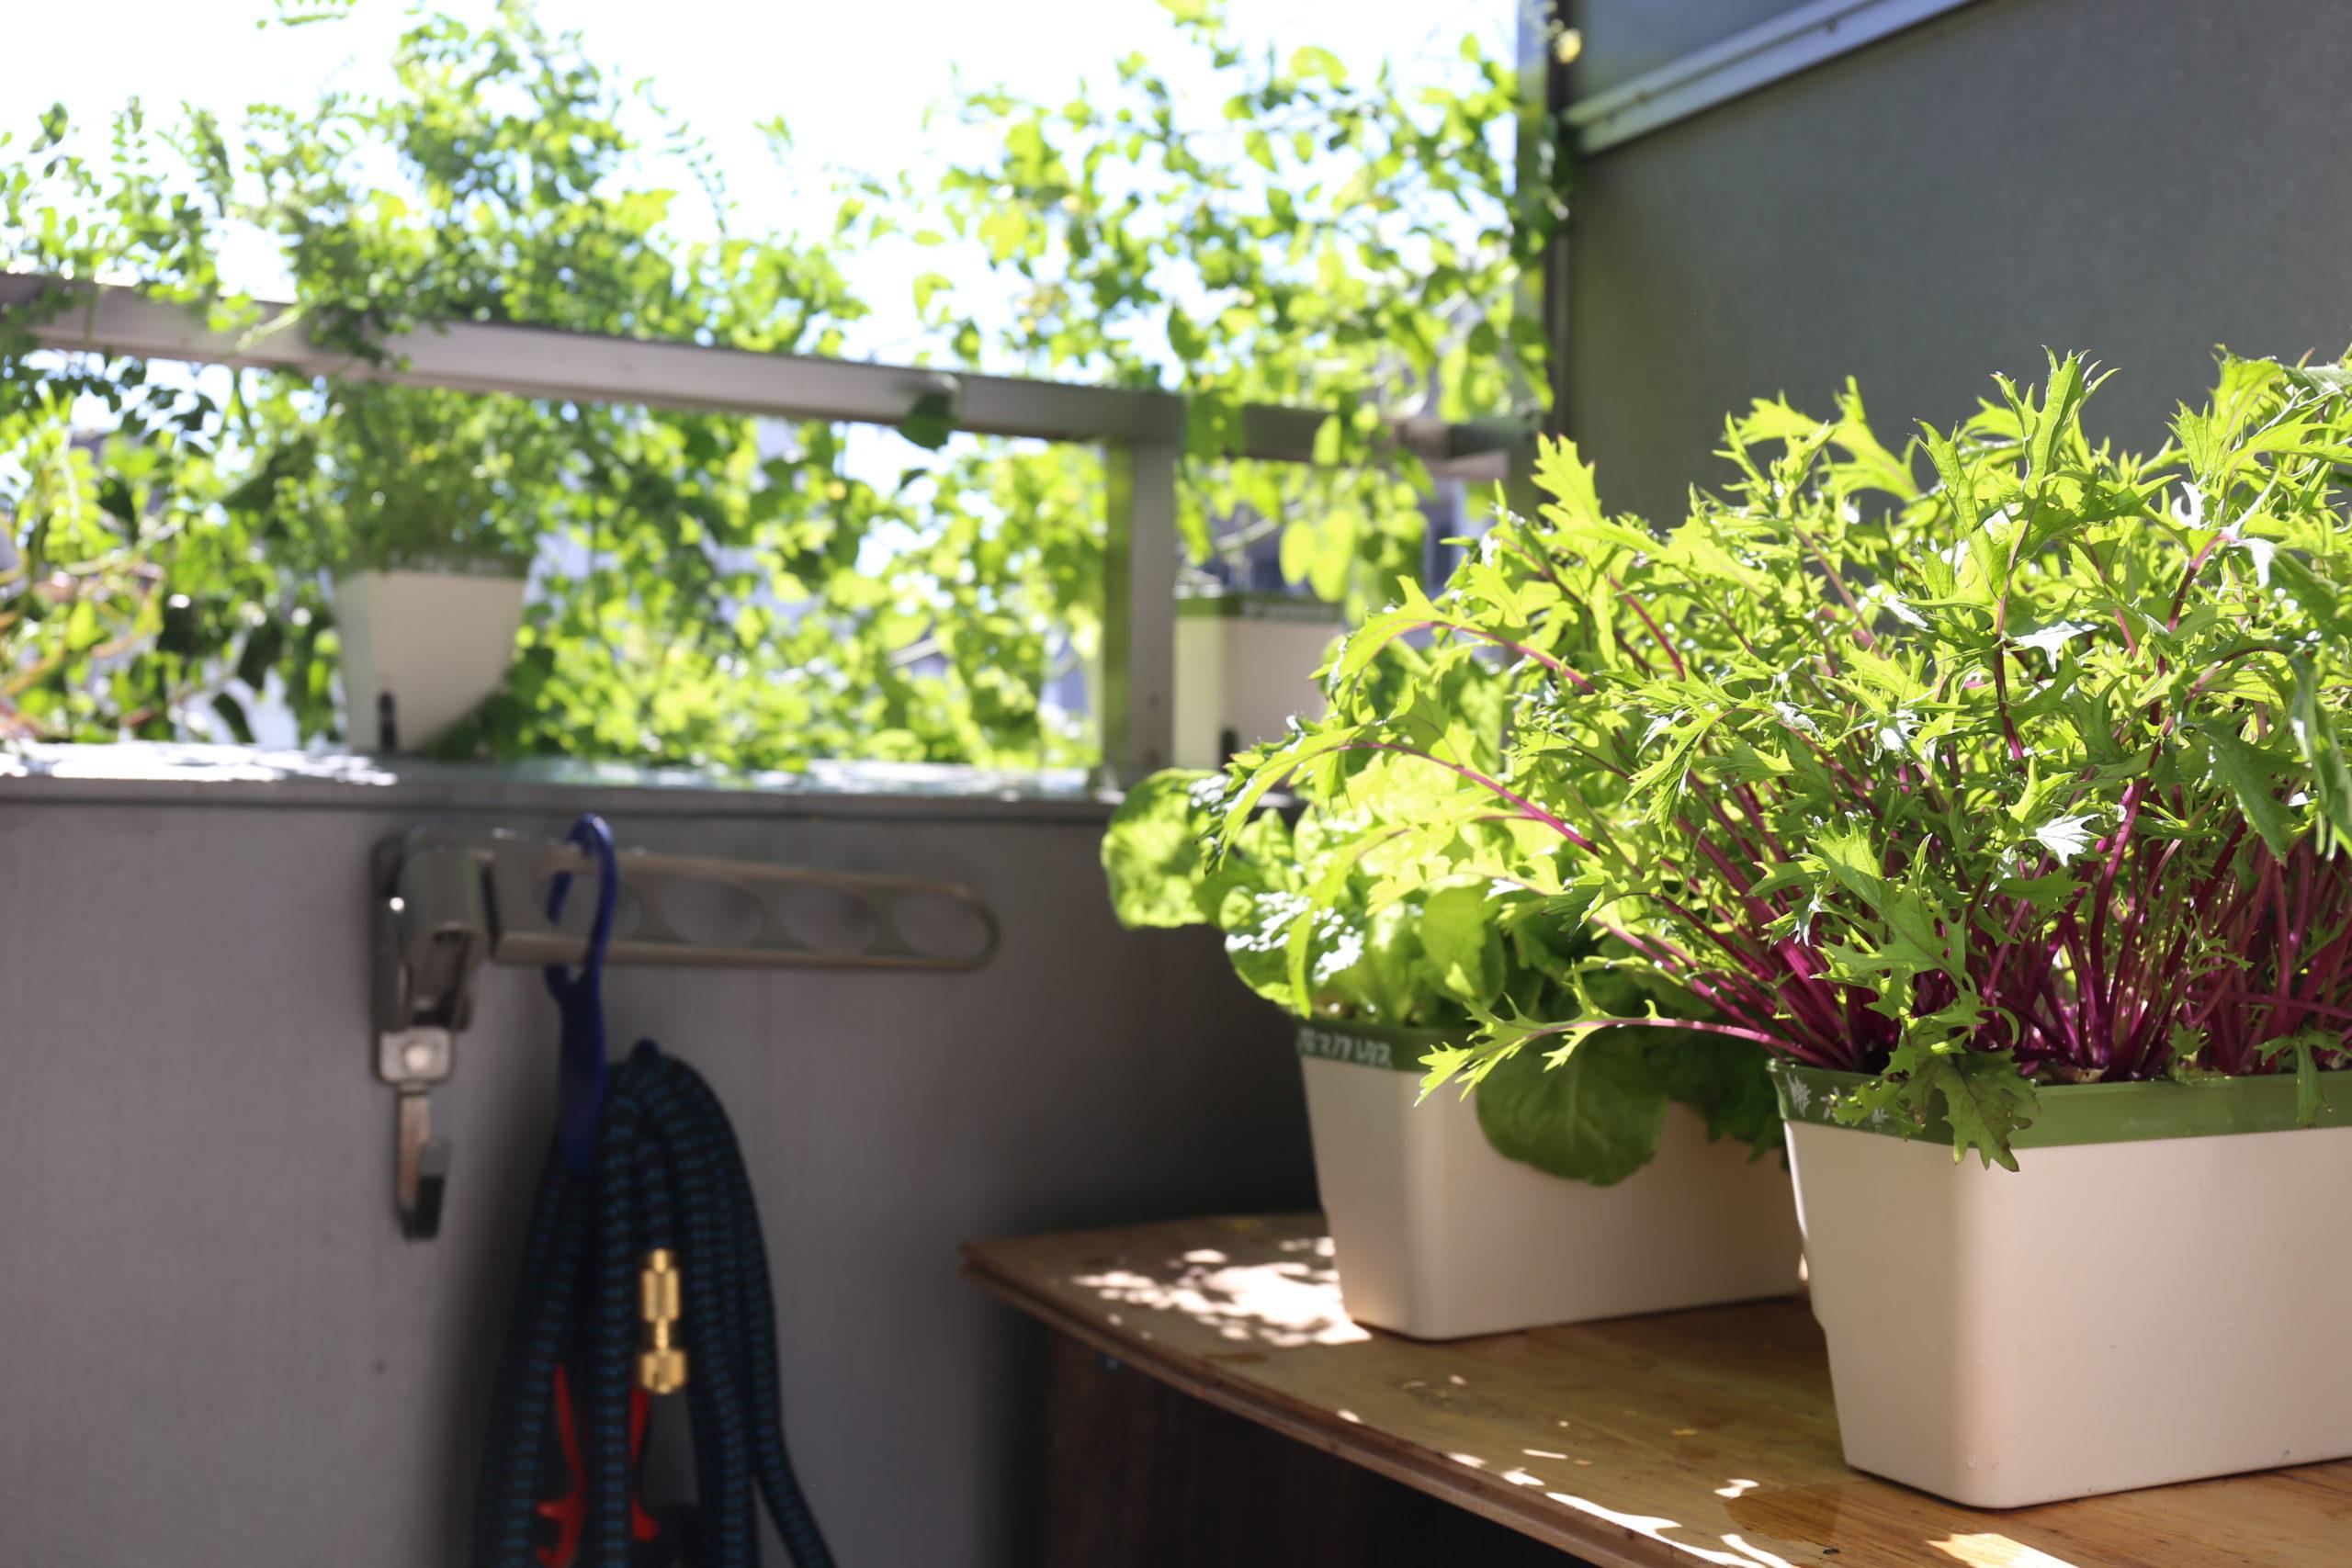 ベランダ菜園の野菜